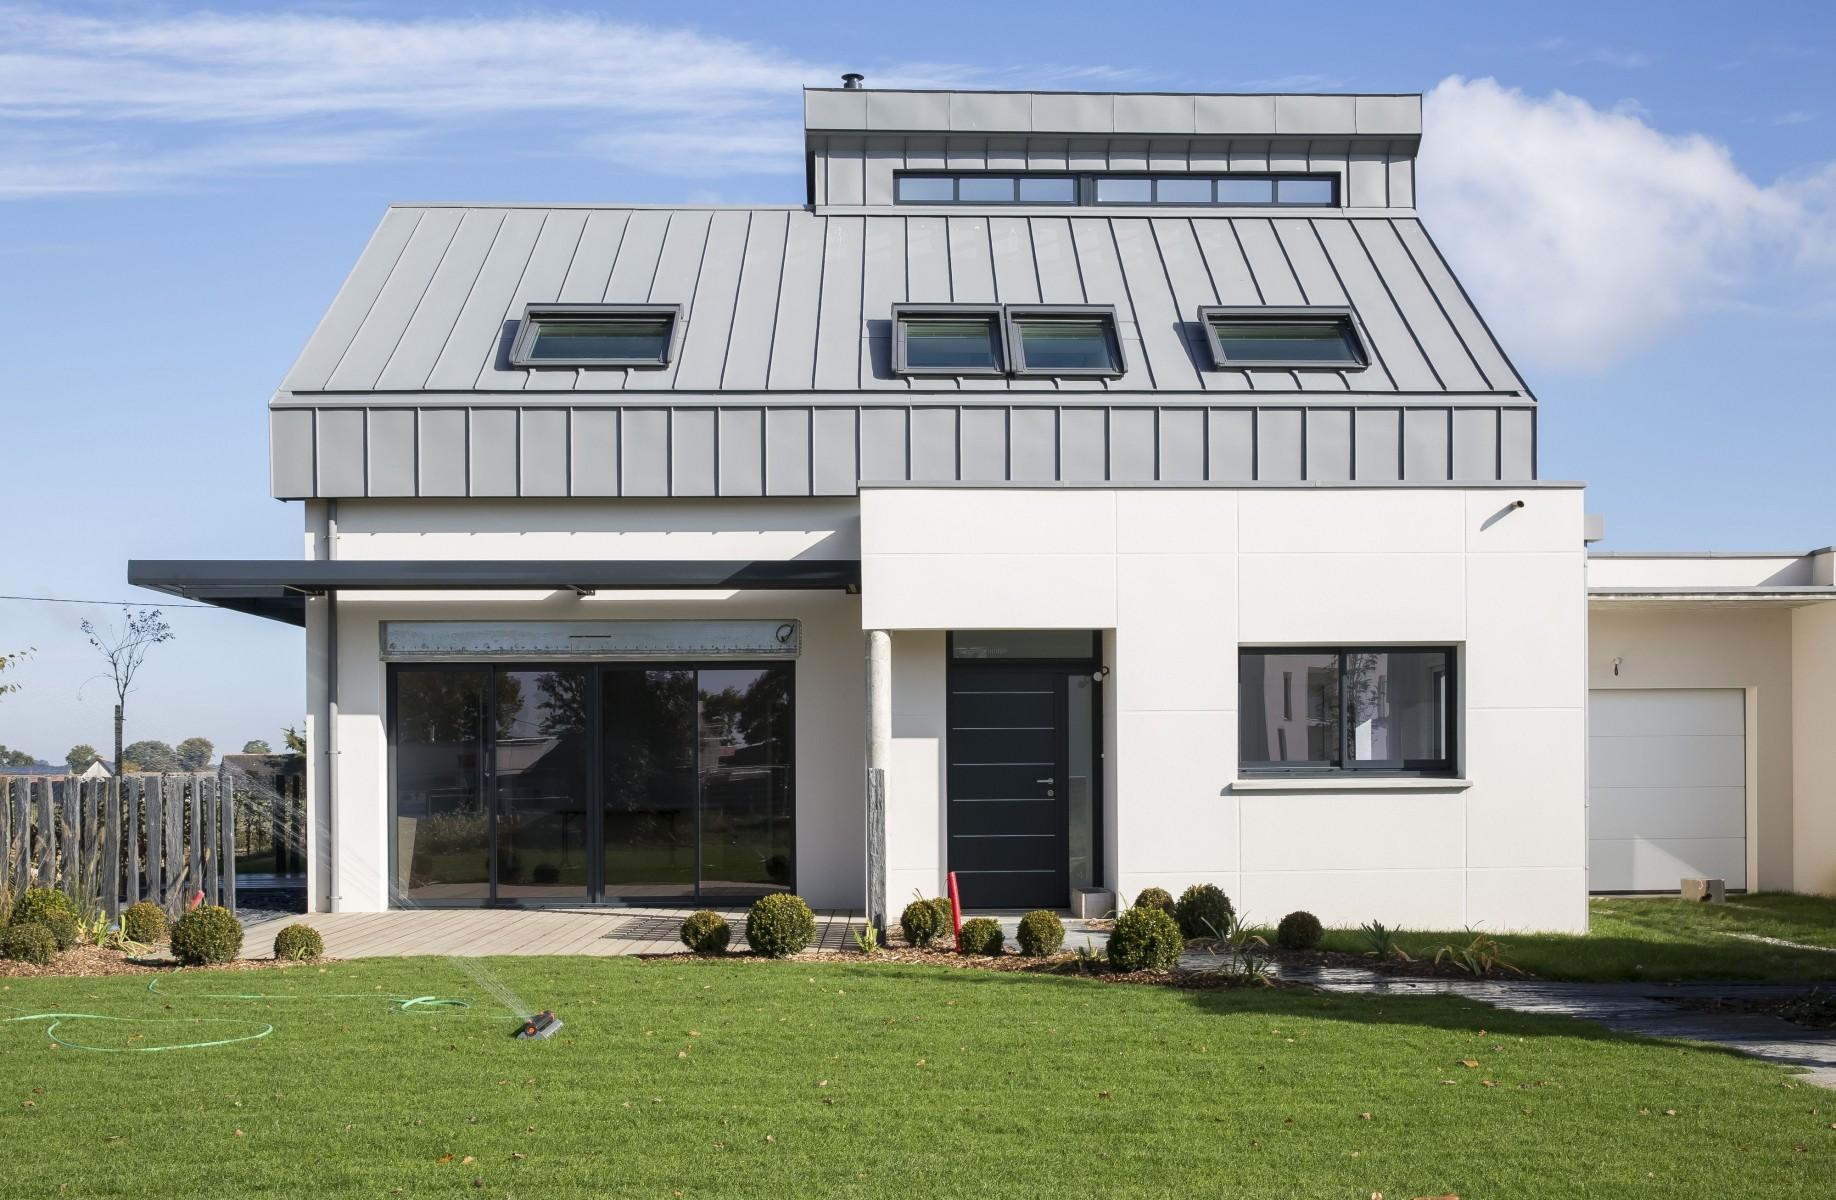 la vision velux de l habitat de demain inspire le constructeur breton de maisons individuelles. Black Bedroom Furniture Sets. Home Design Ideas